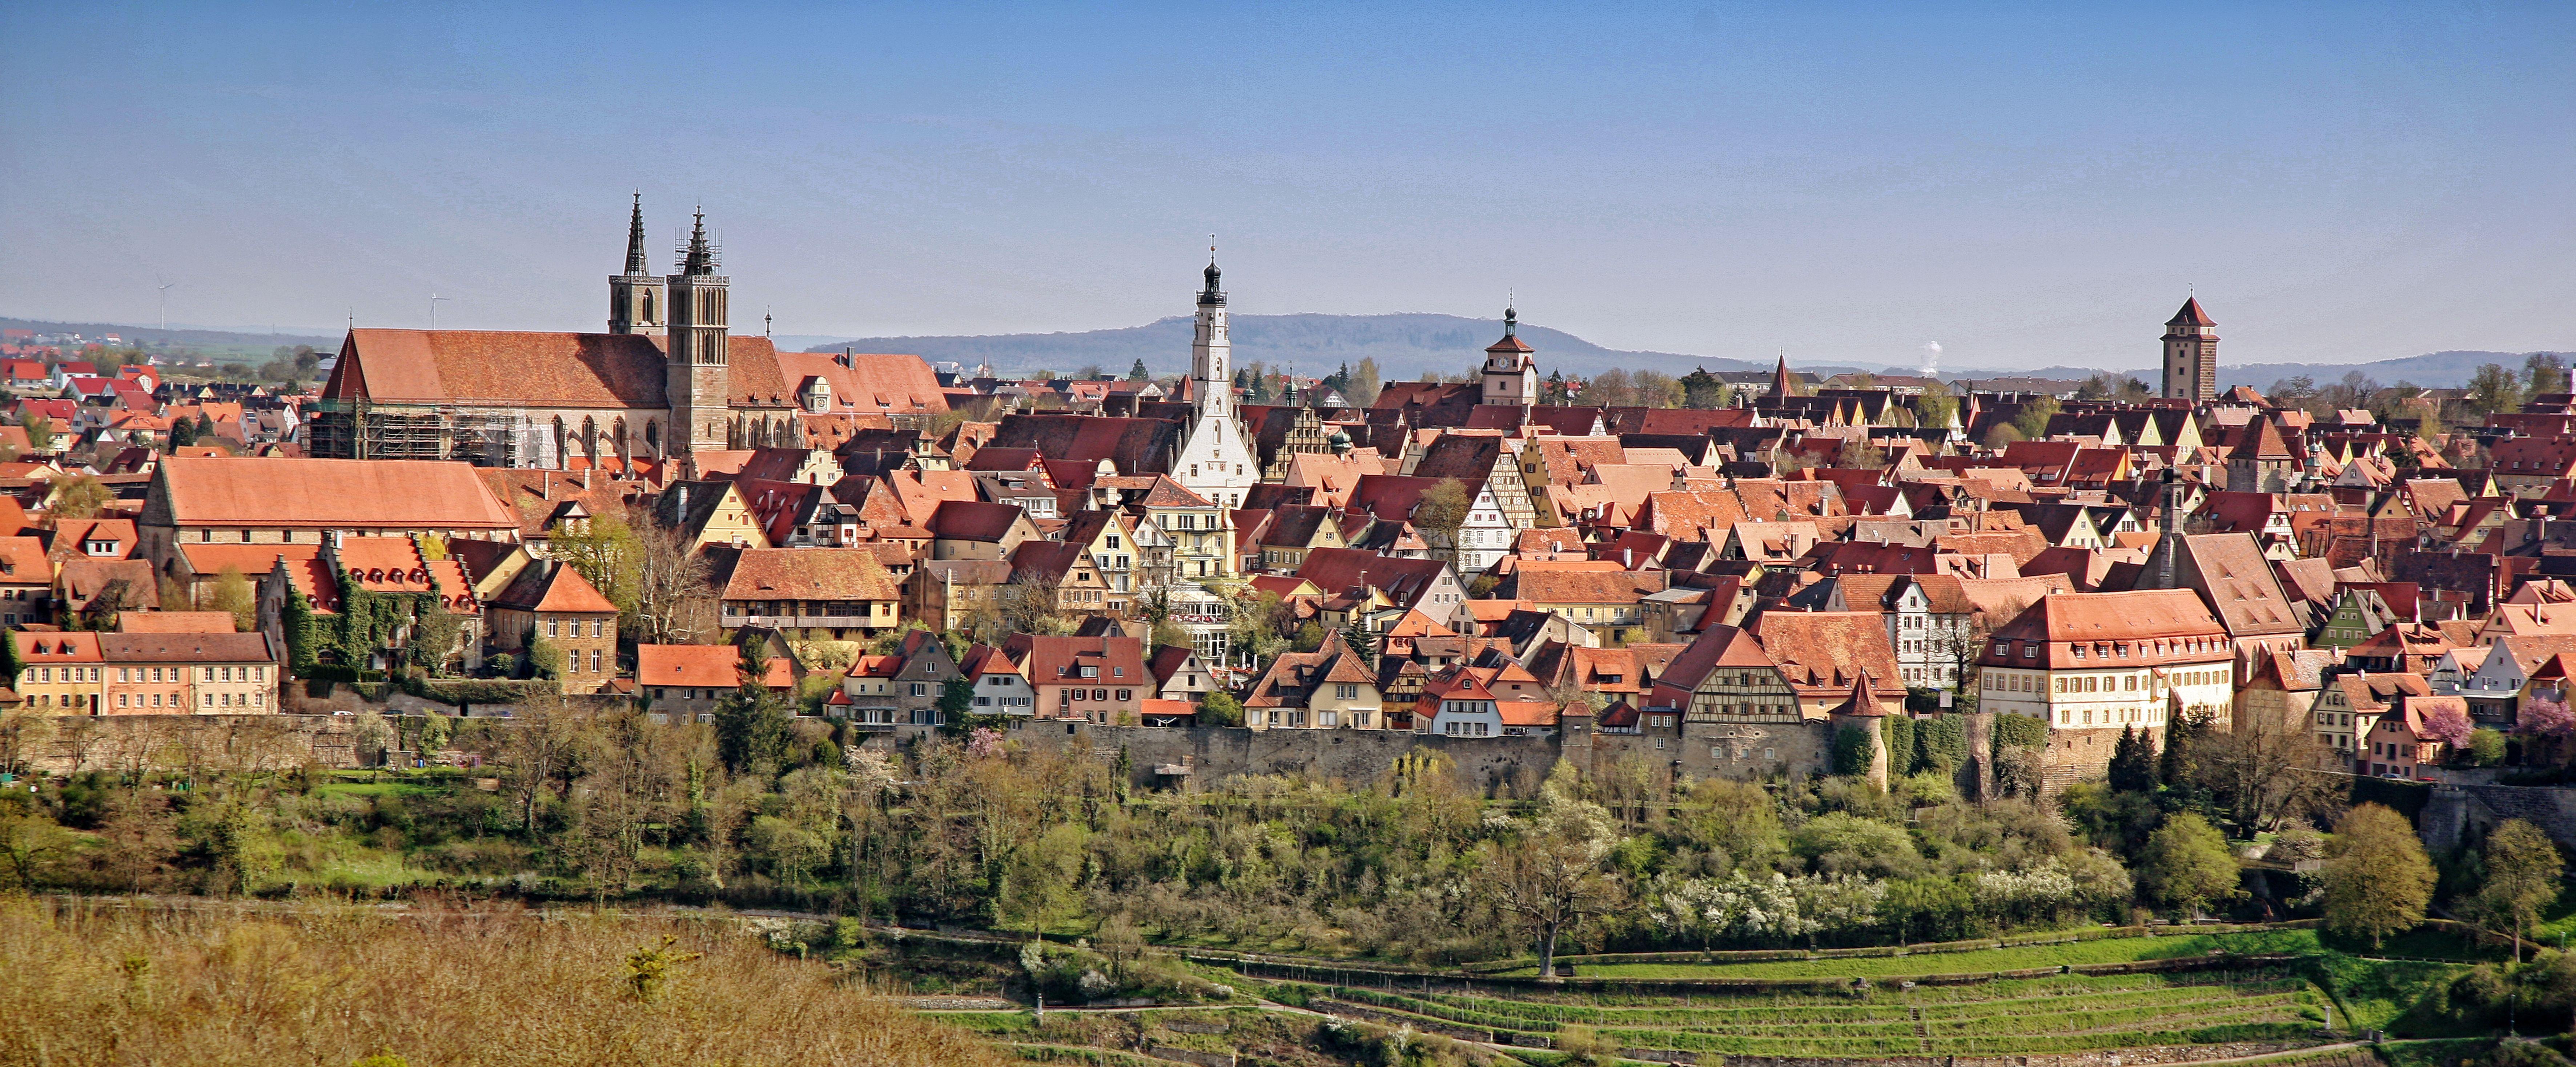 Tourismus in Rothenburg ob der Tauber